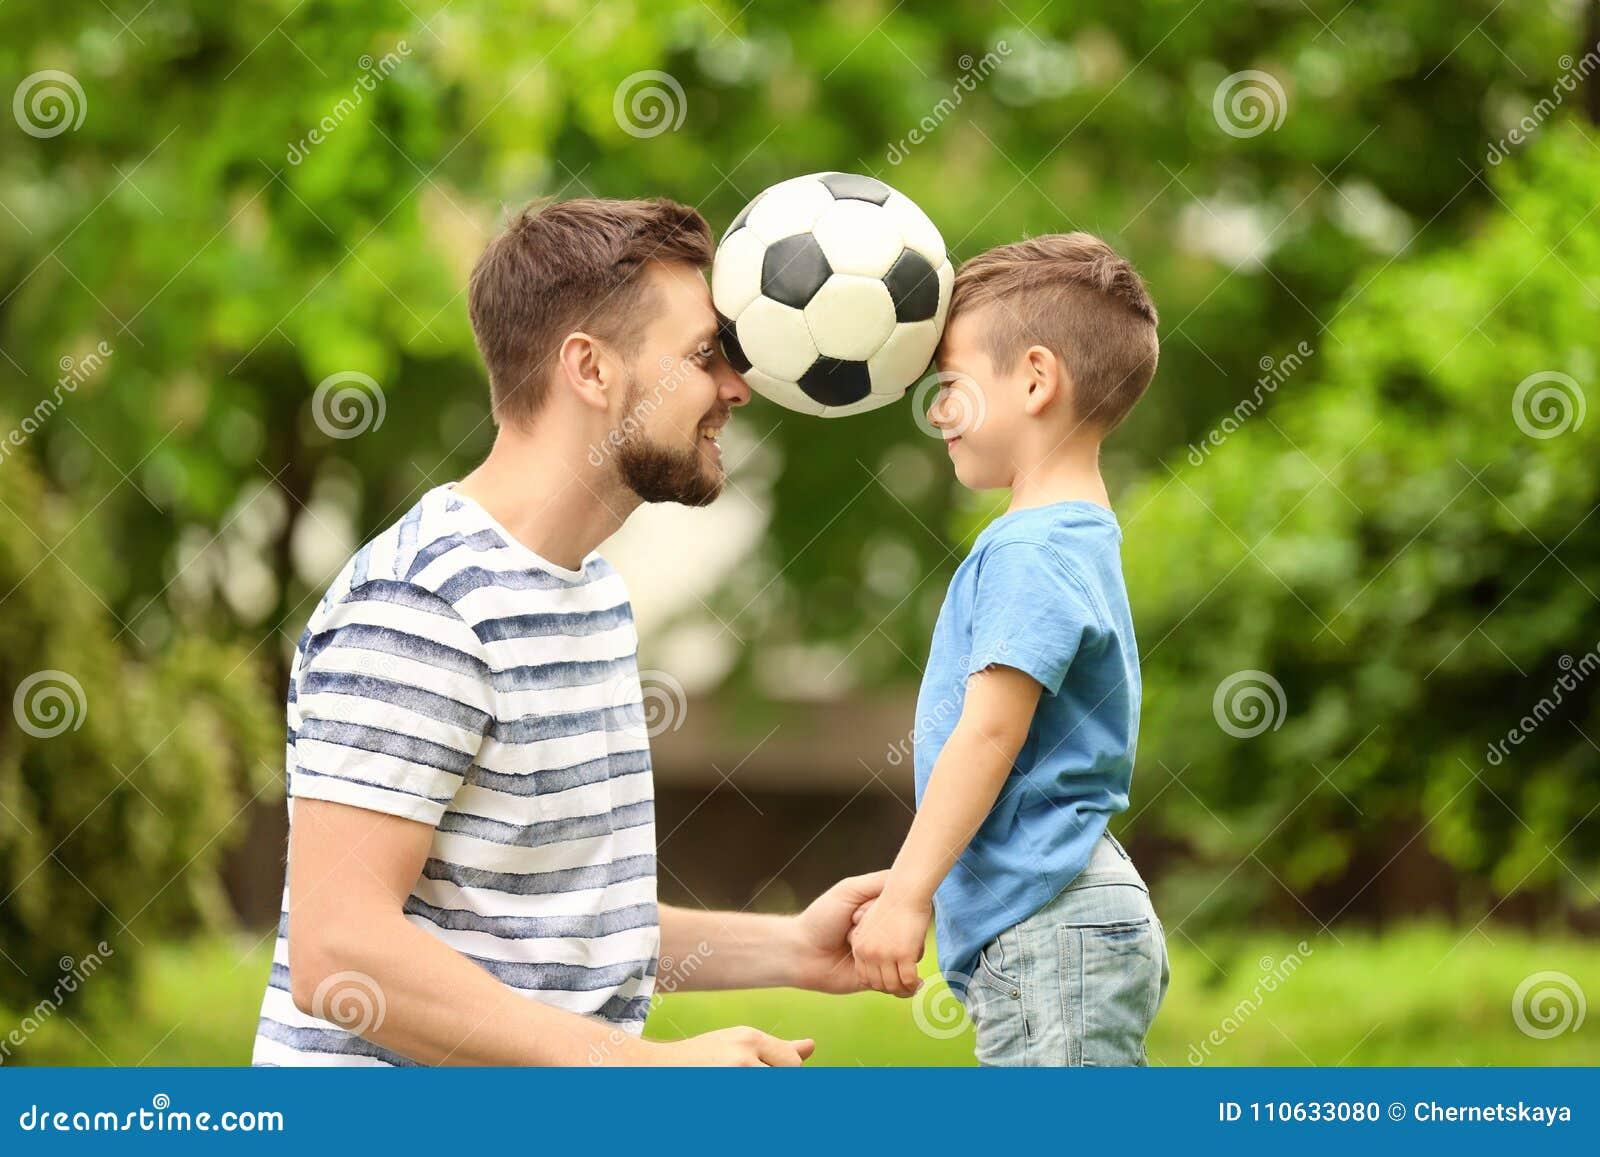 Папа и сын с футбольным мячом